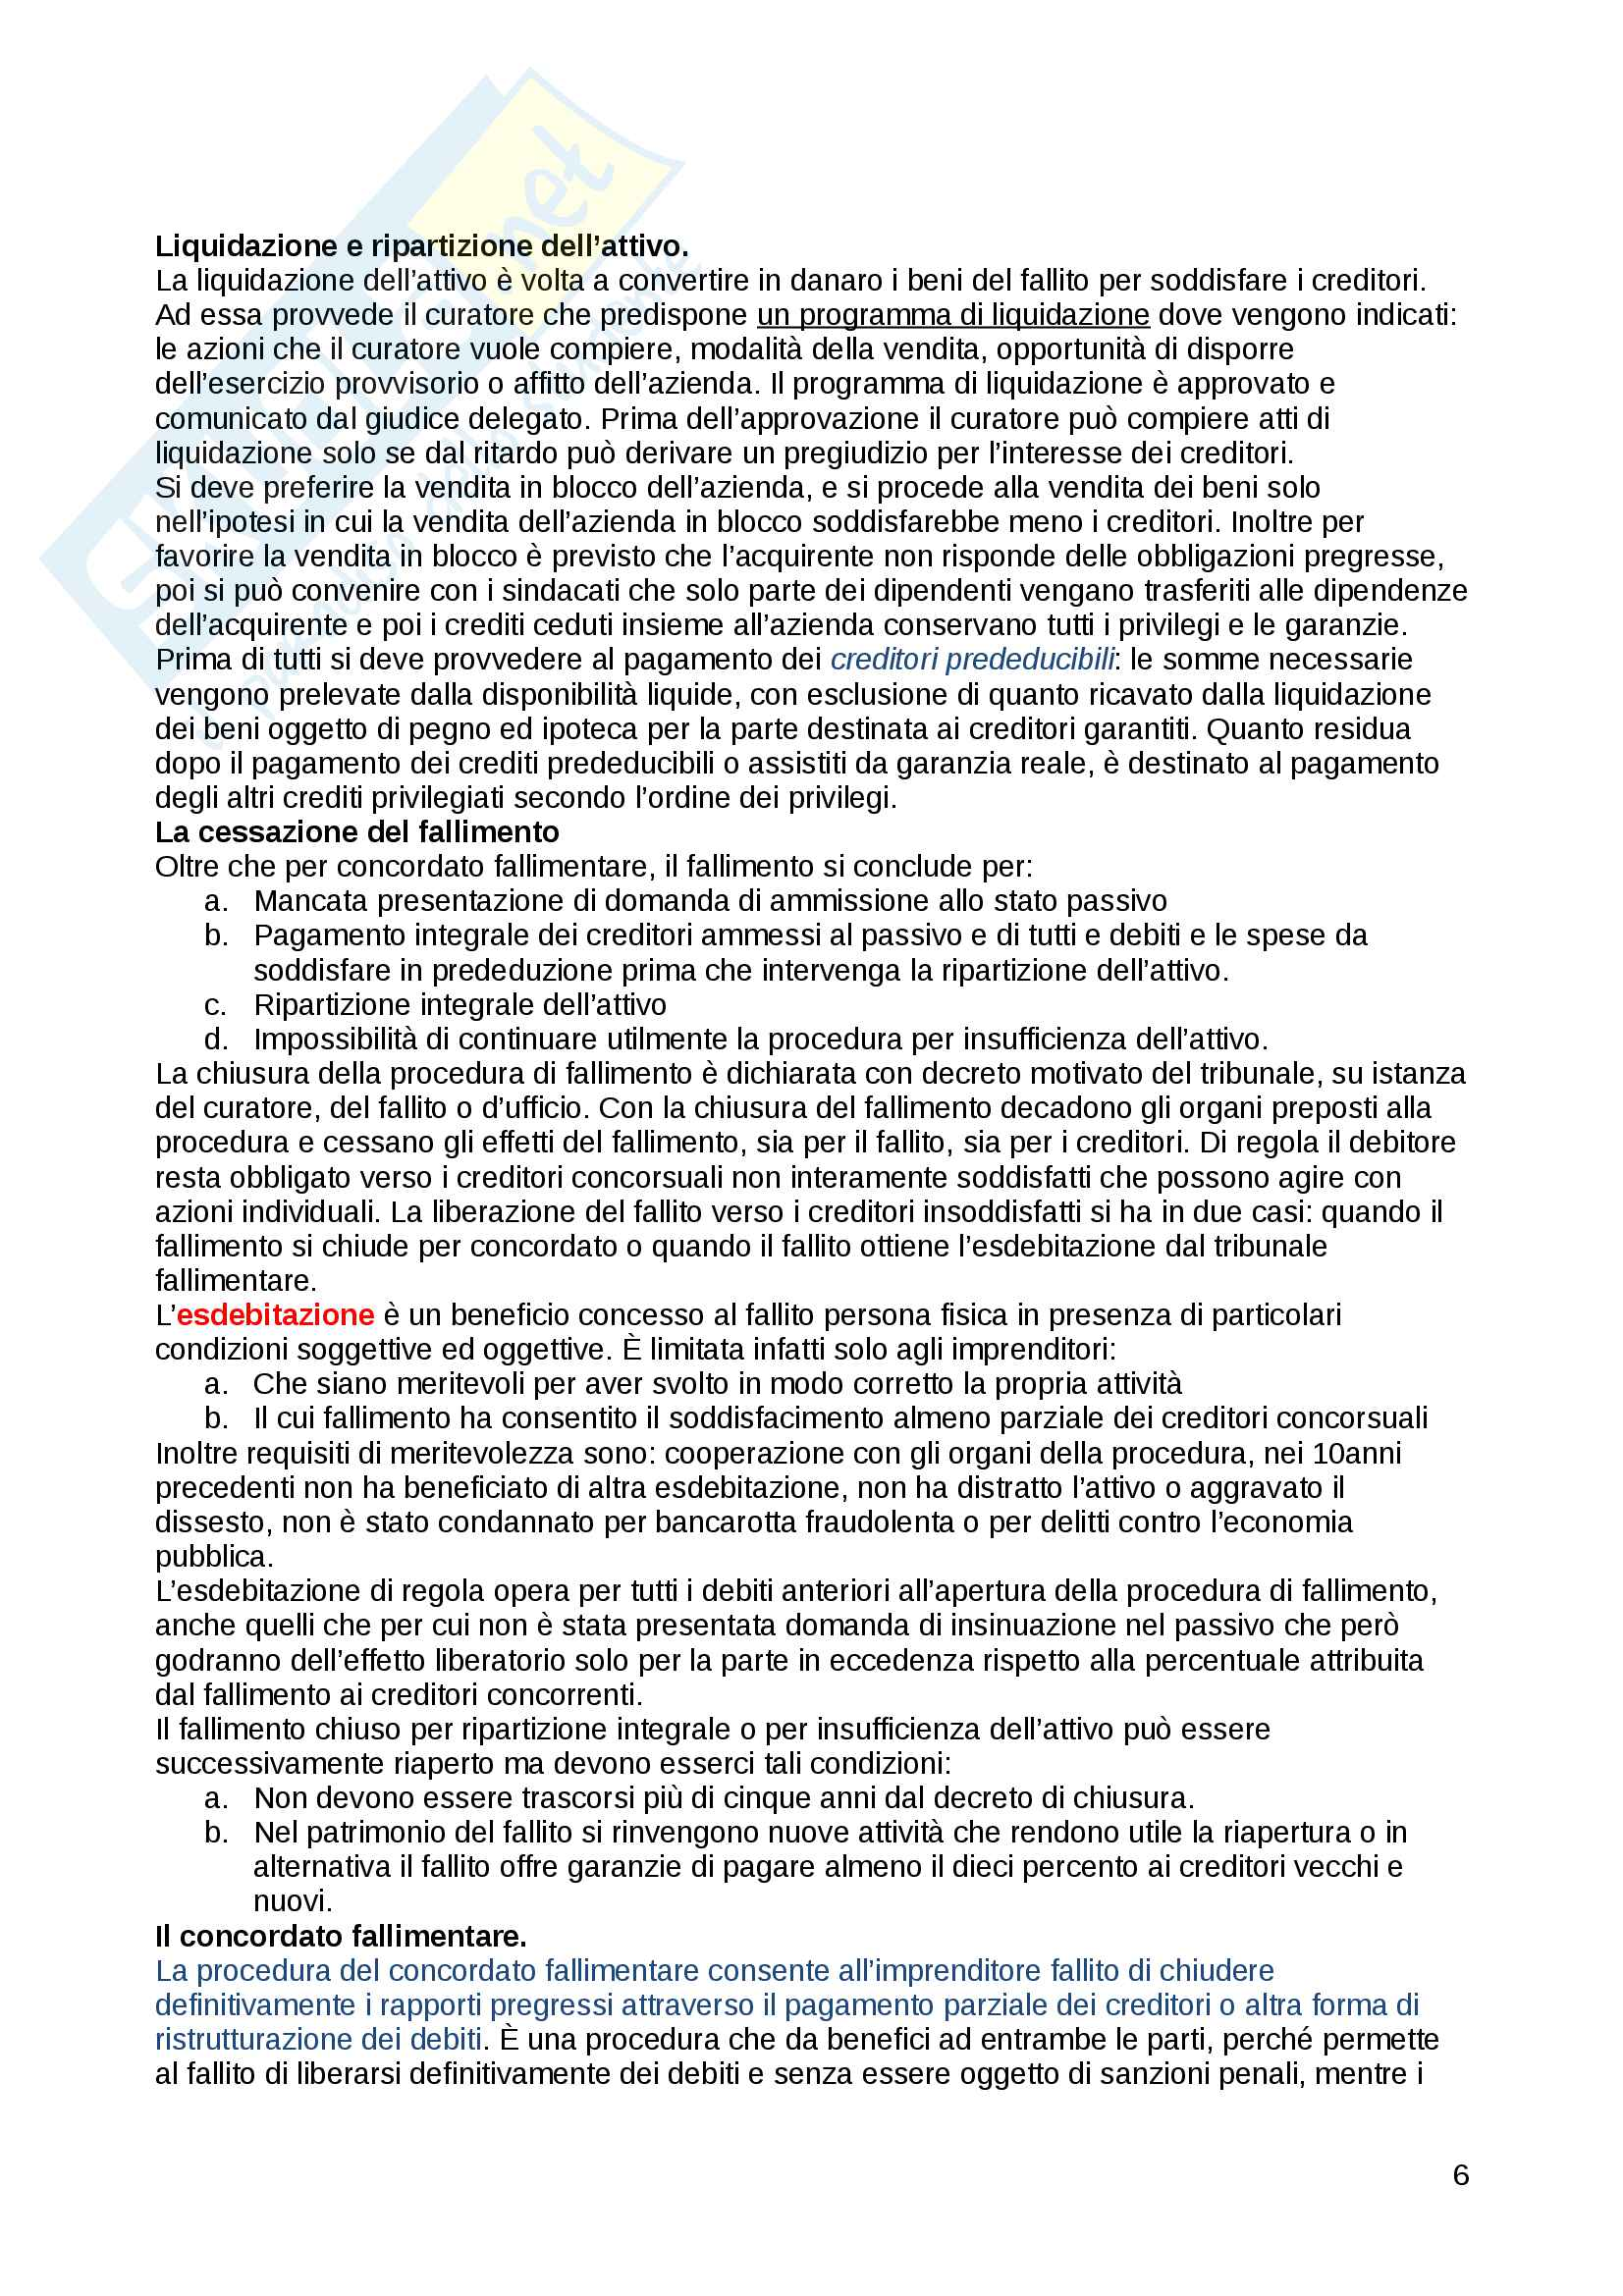 Appunti Fallimento e concordato preventivo - prof Blandini - diritto commerciale Pag. 6